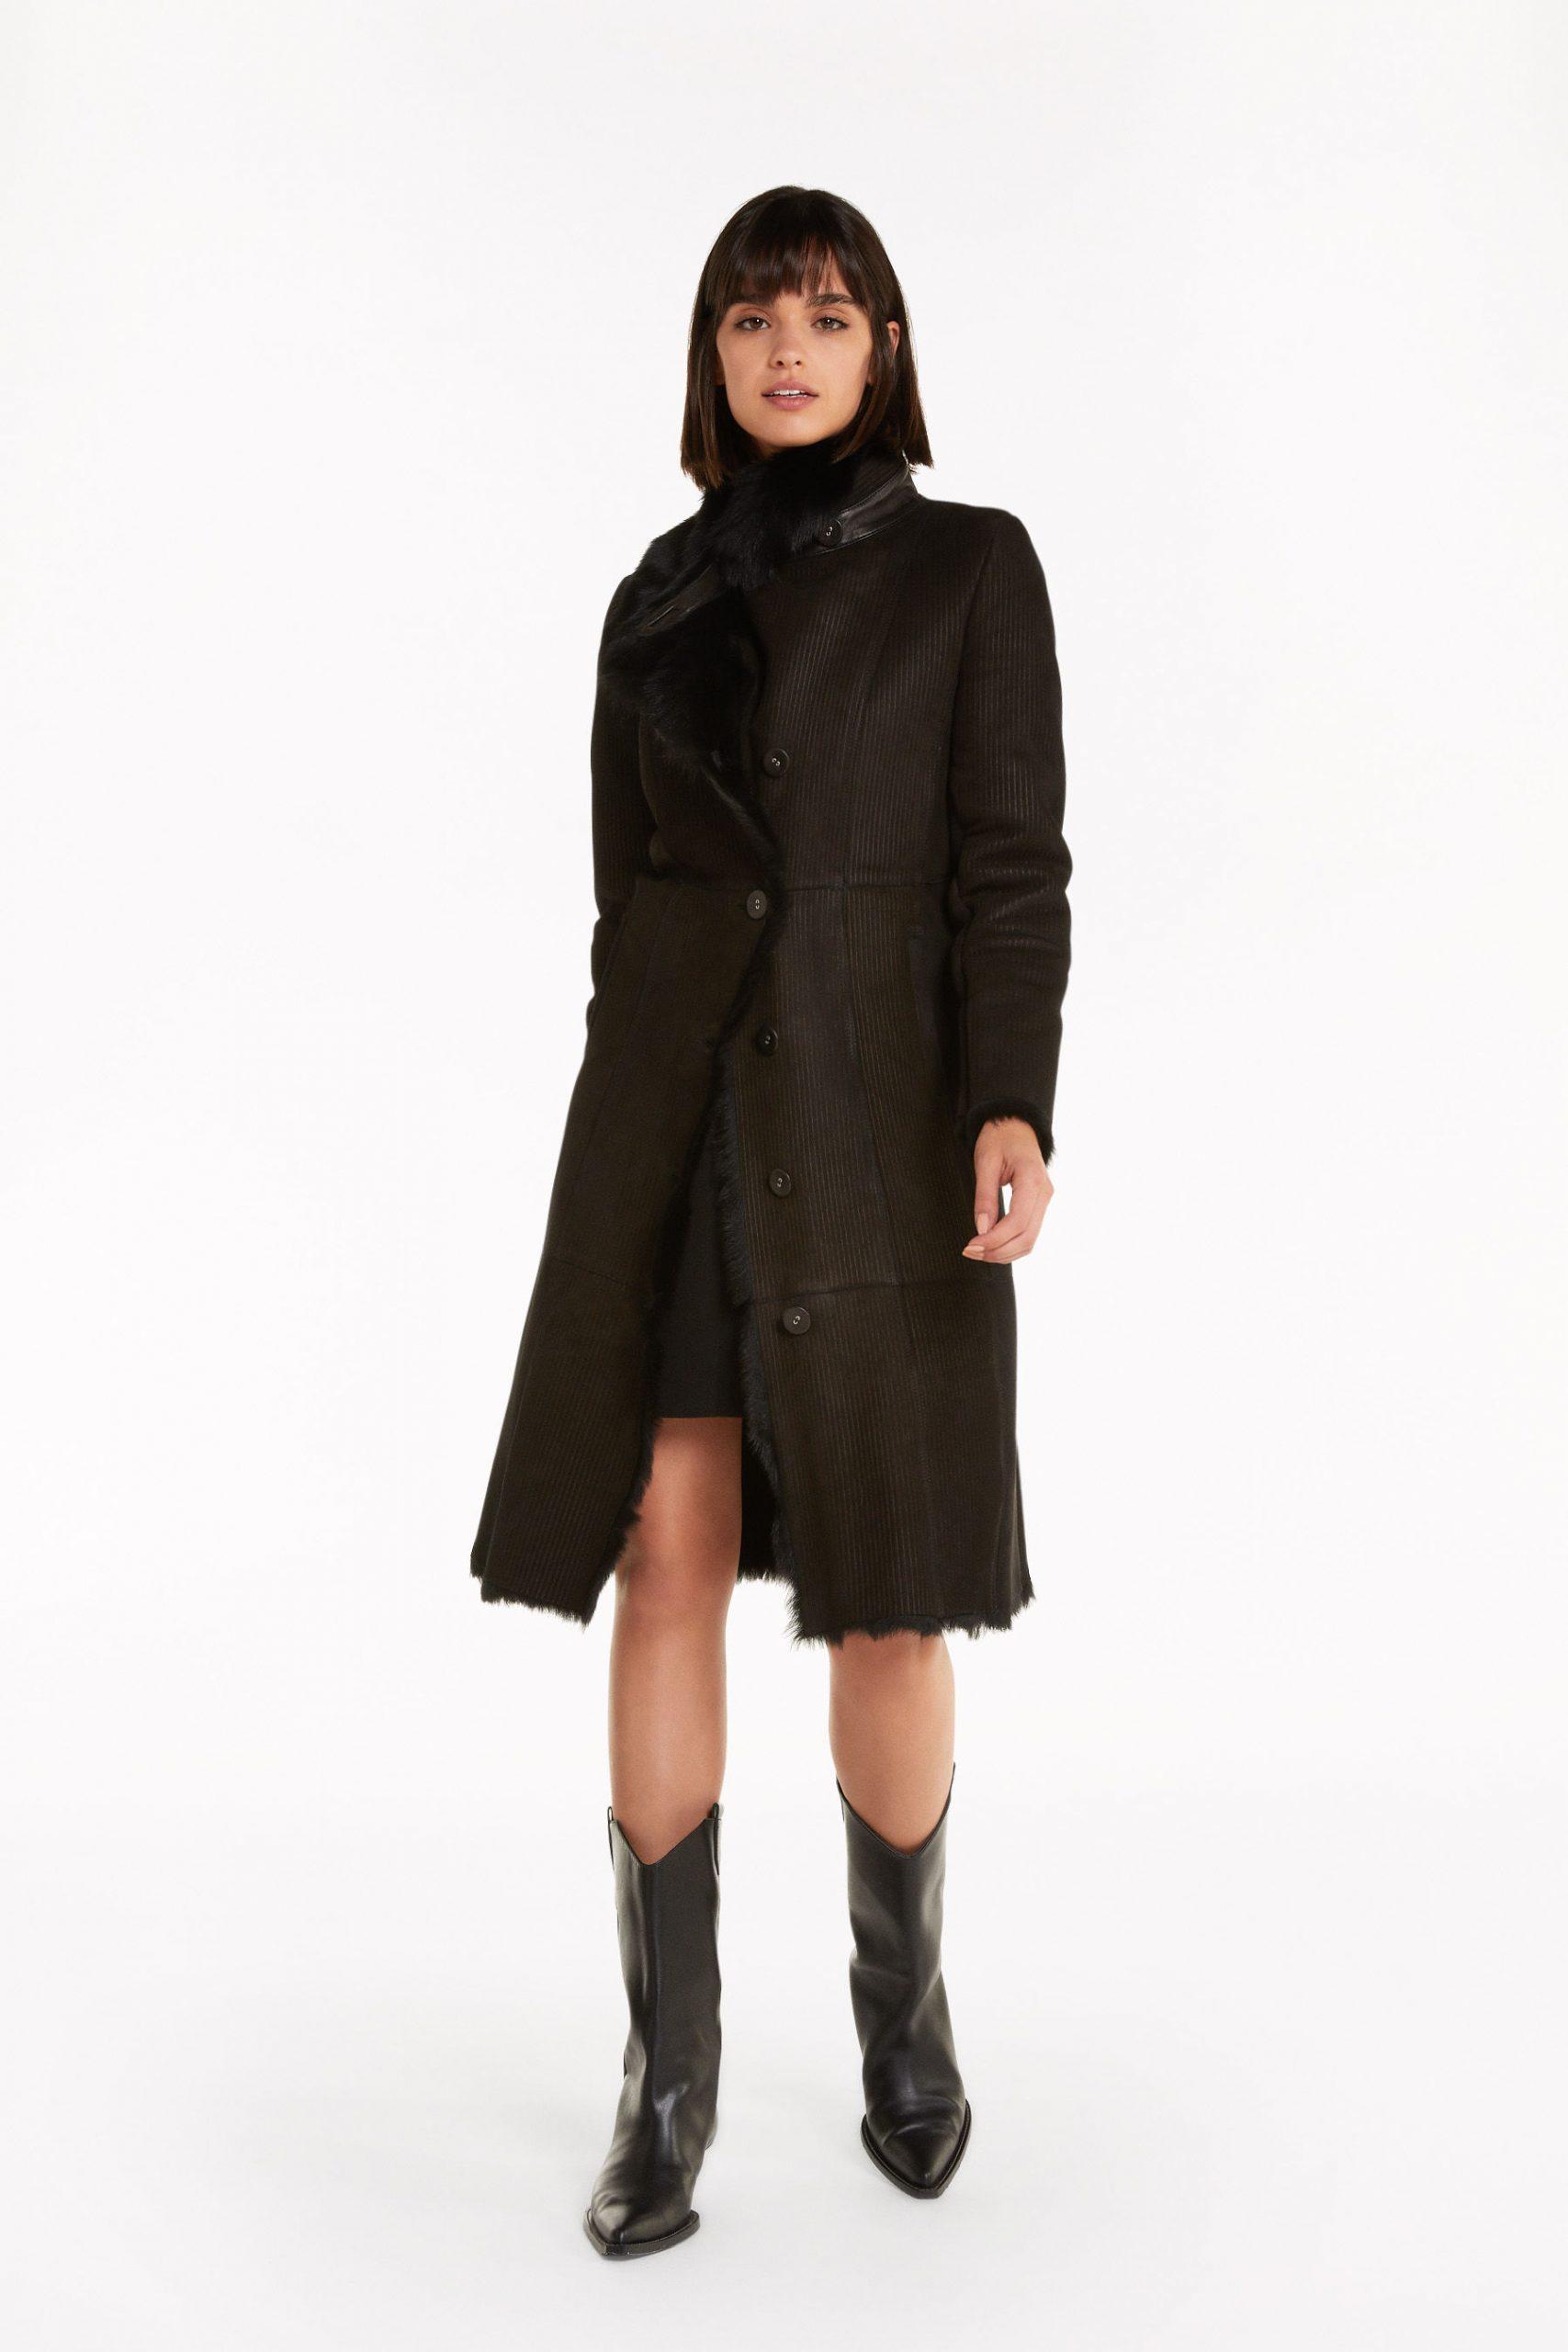 Abbigliamento Patrizia Pepe  Shearling lungo in vera pelle Black female collezione 2020 shop the look